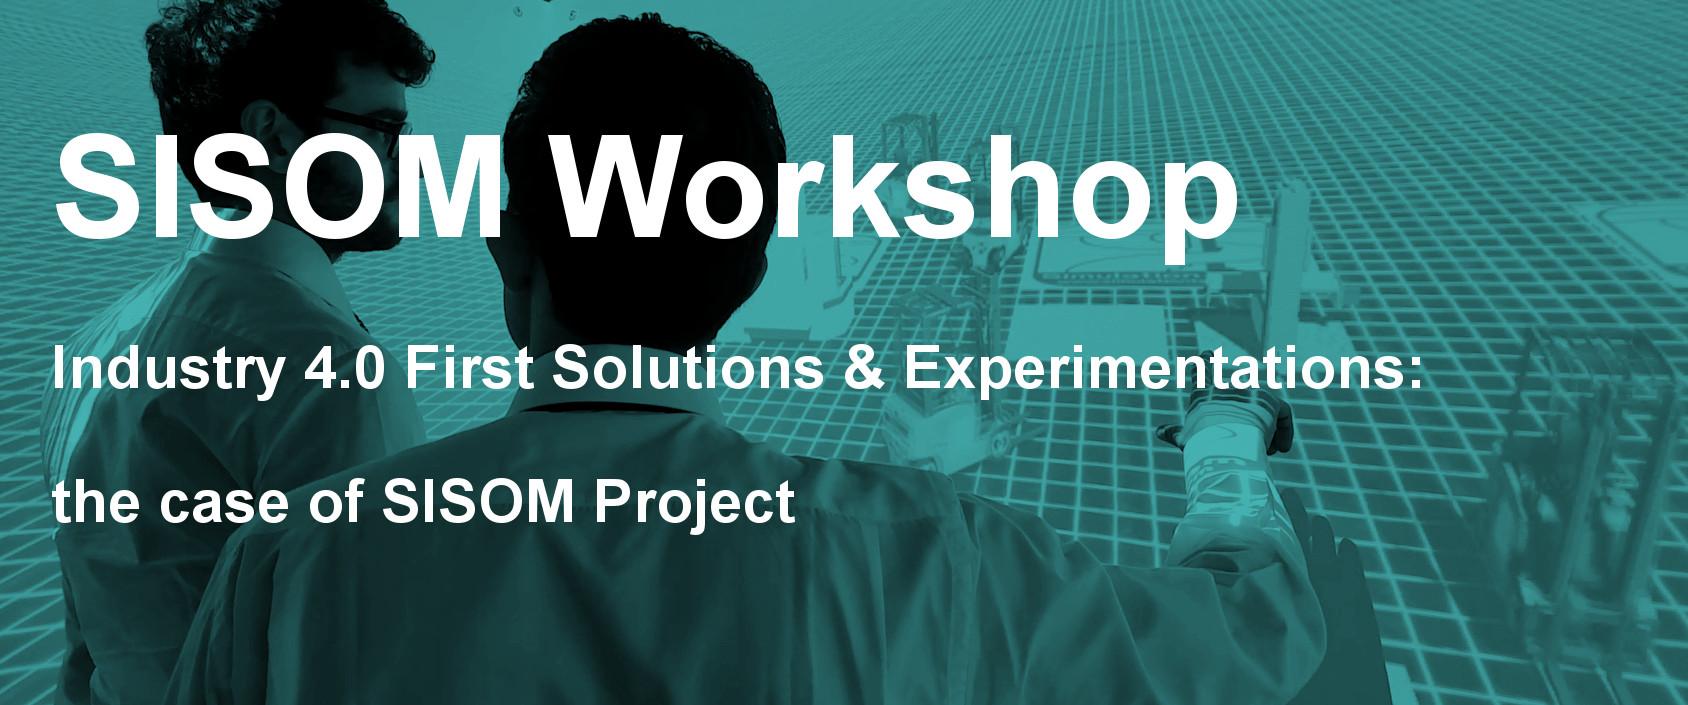 SISOM Workshop